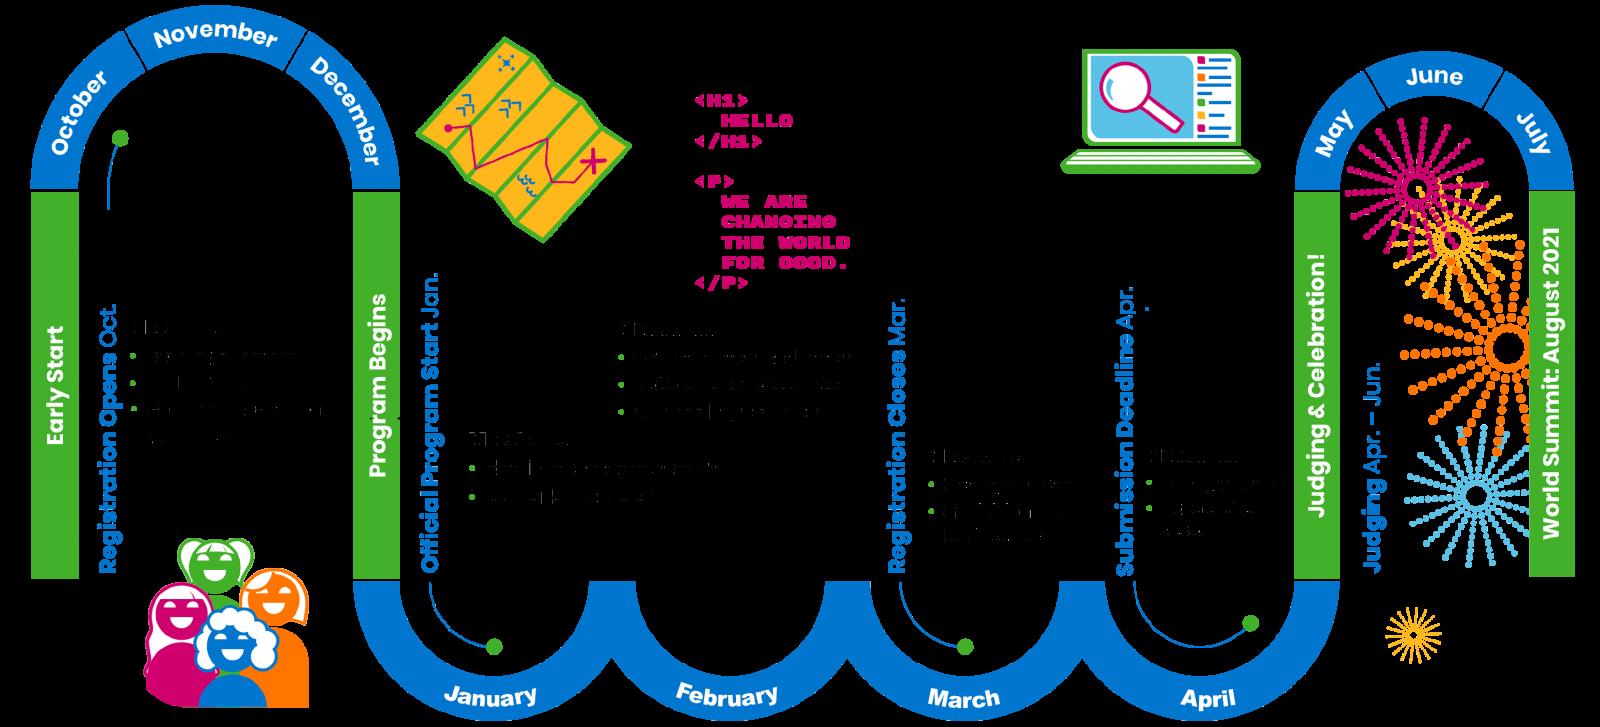 technovation girls schedule of activities diagram